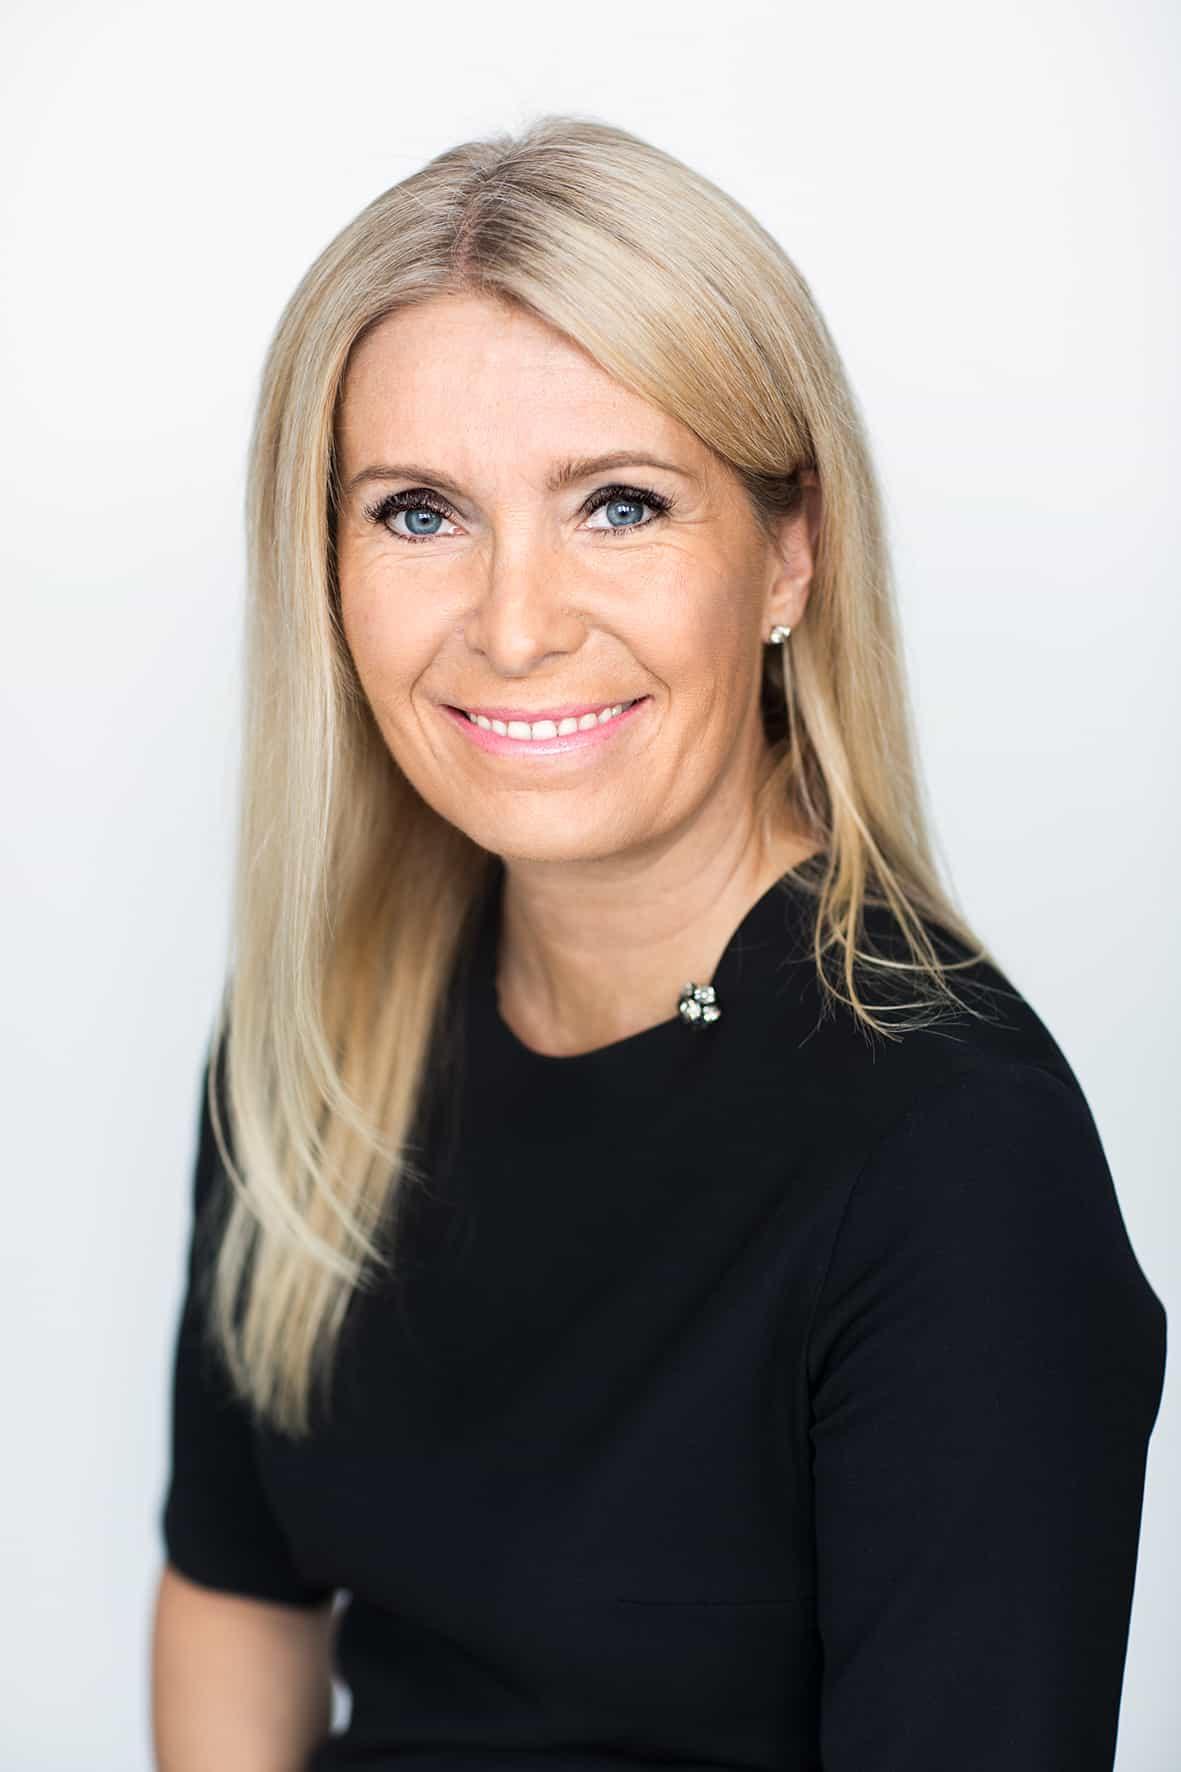 CFO Carolina Dybeck Happe leaves Maersk